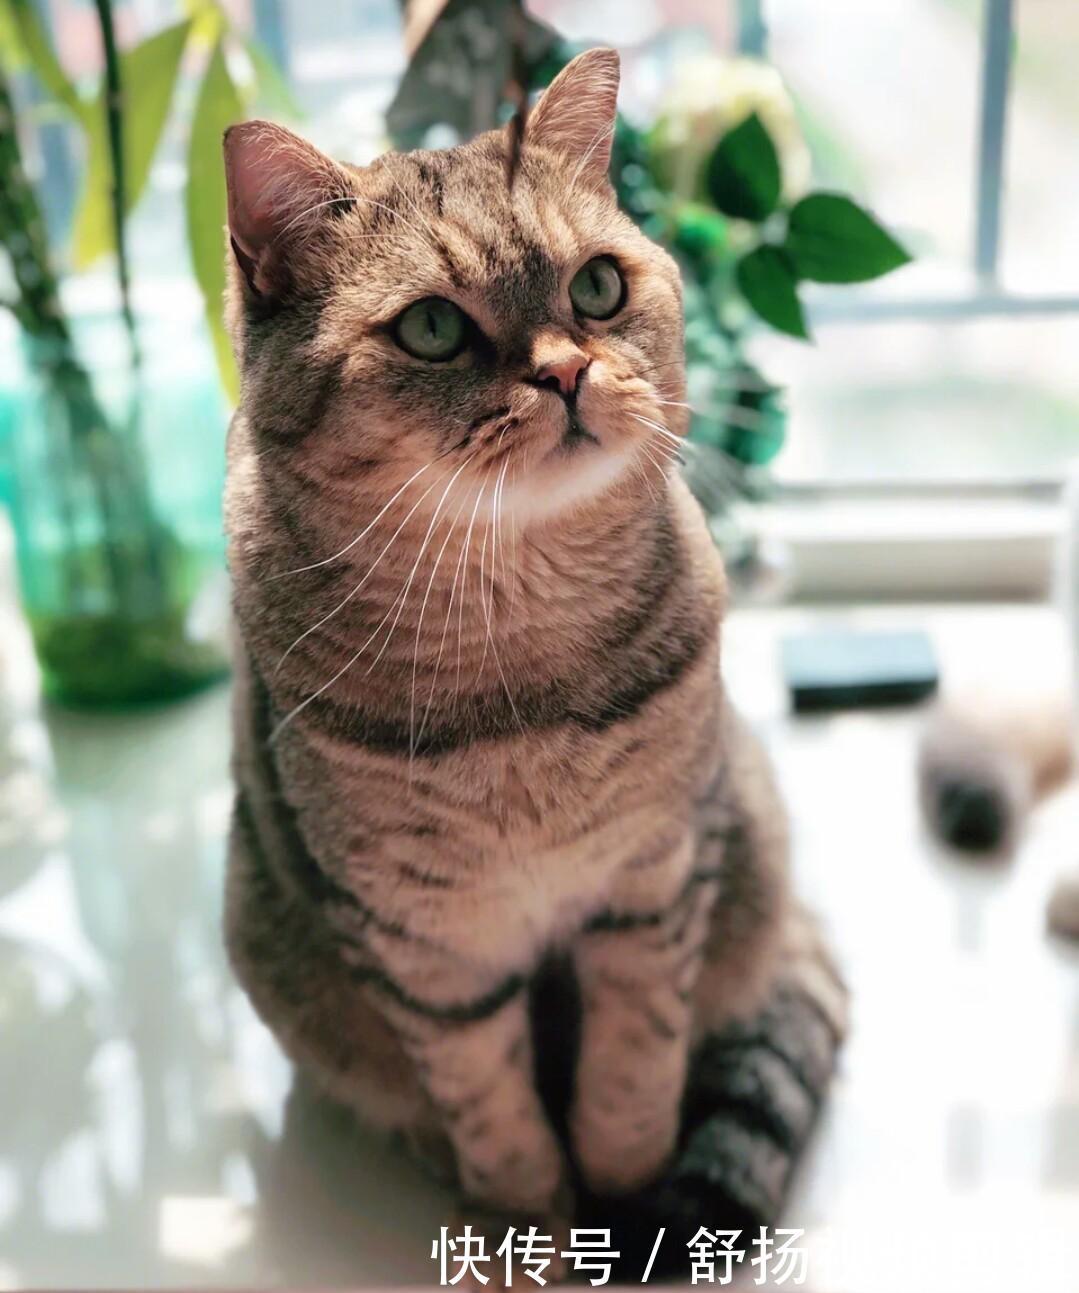 猫咪铲屎官更喜欢养女生,不仅仅是因为猫咪可北京宿舍女性图片